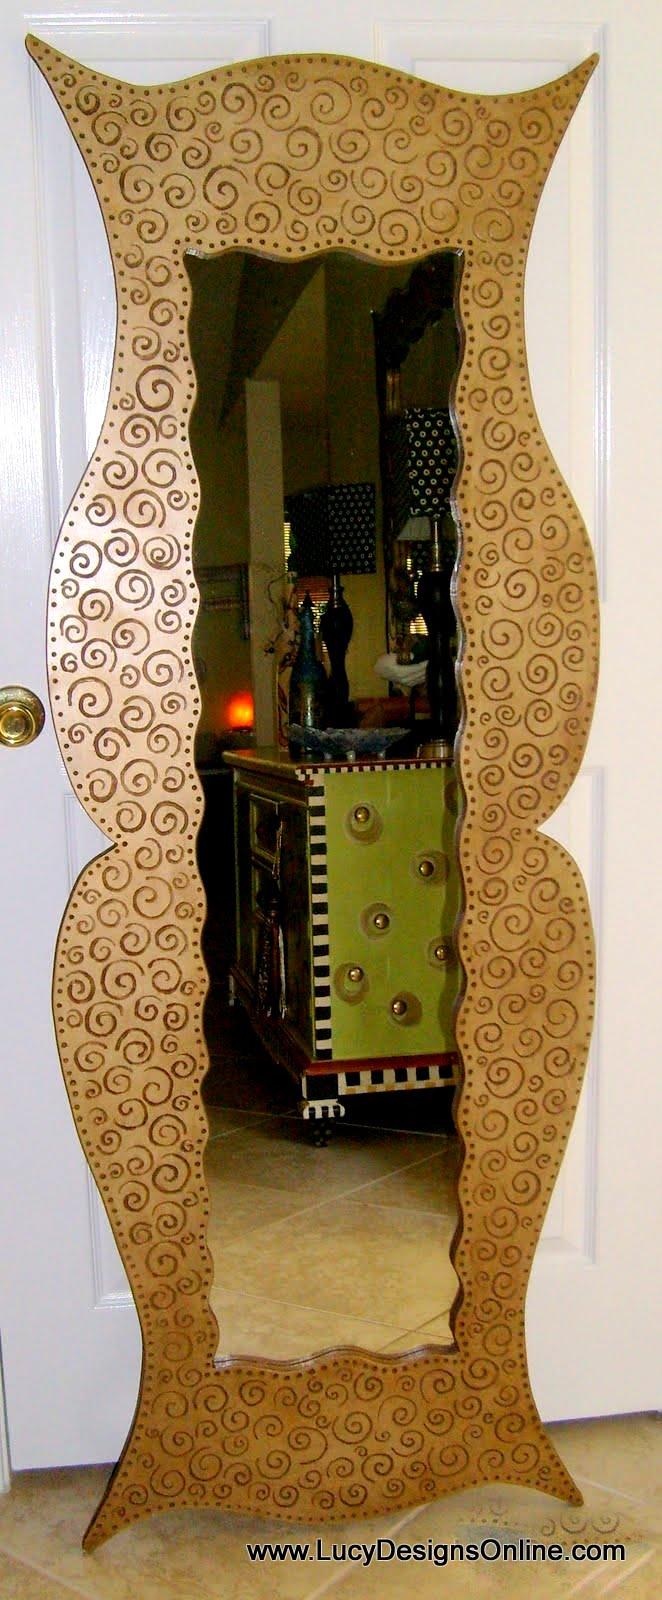 Handmade Mirrors Fish Mirrors Furniture Shaped Mirrors